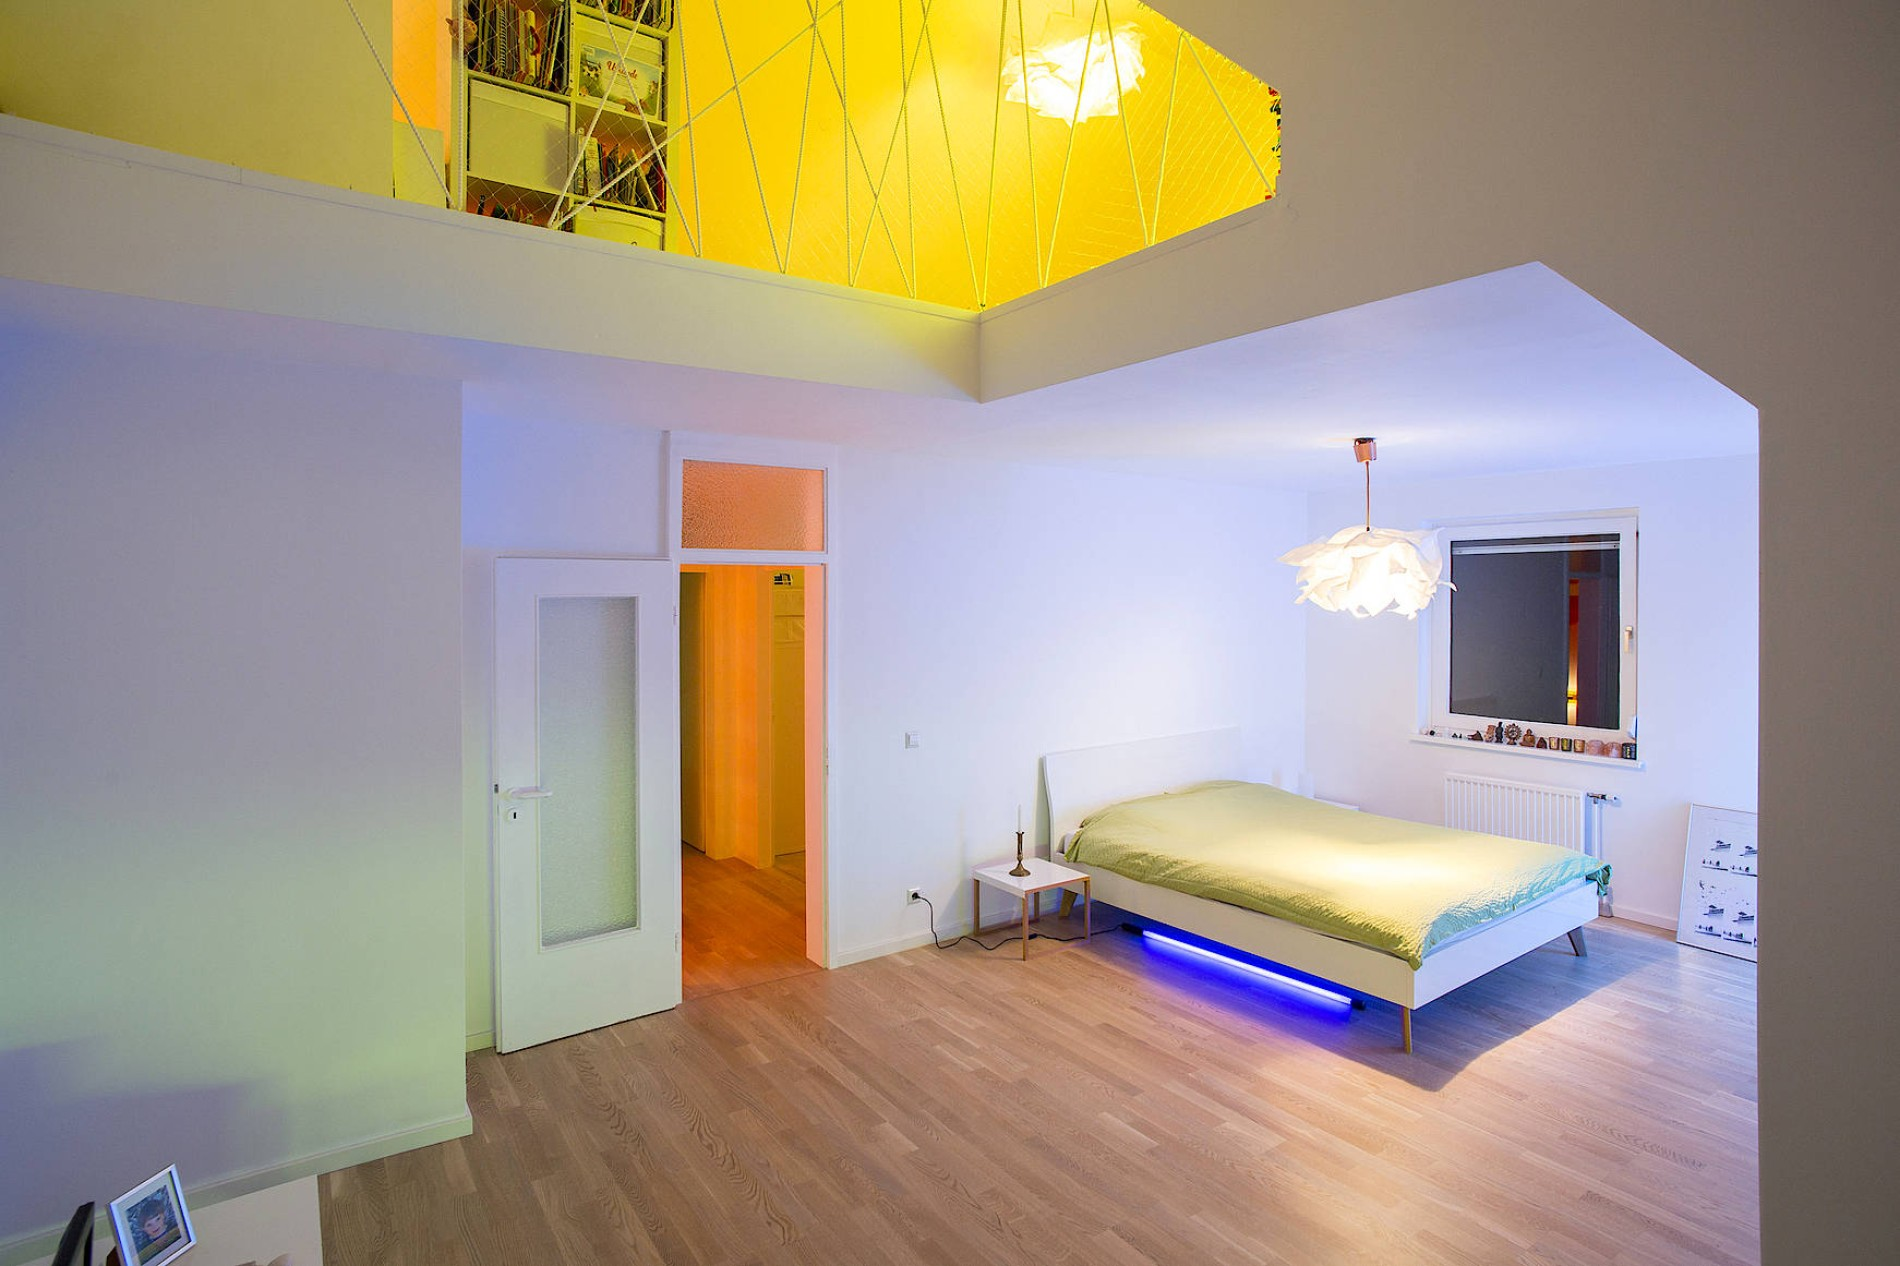 Moderne Architektur in Berlin: In farbigem Licht baden